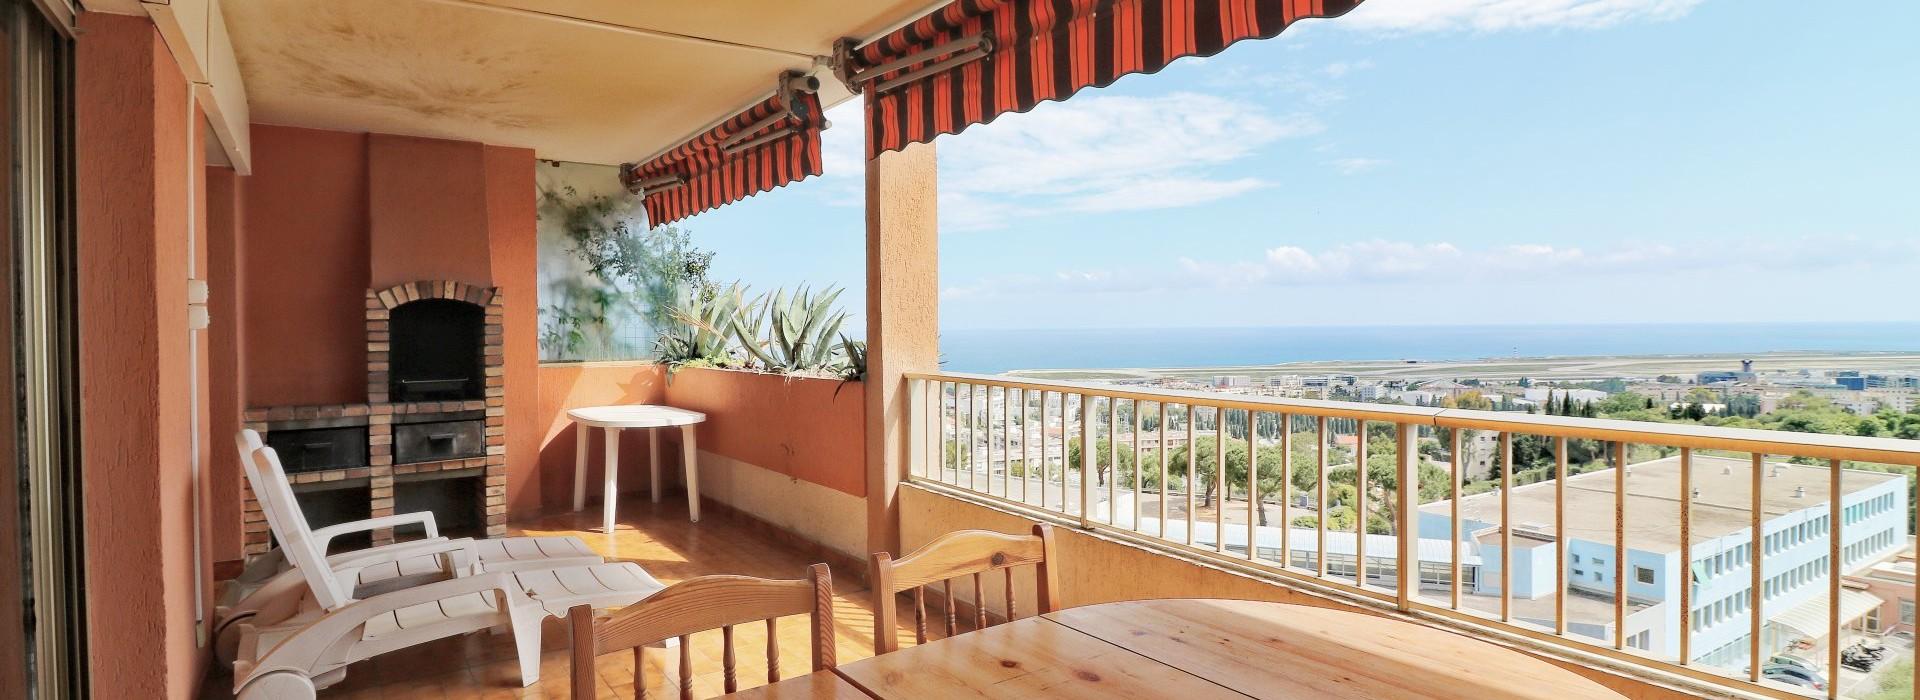 Appartement Nice 4 Pièces 99m2 470,000€